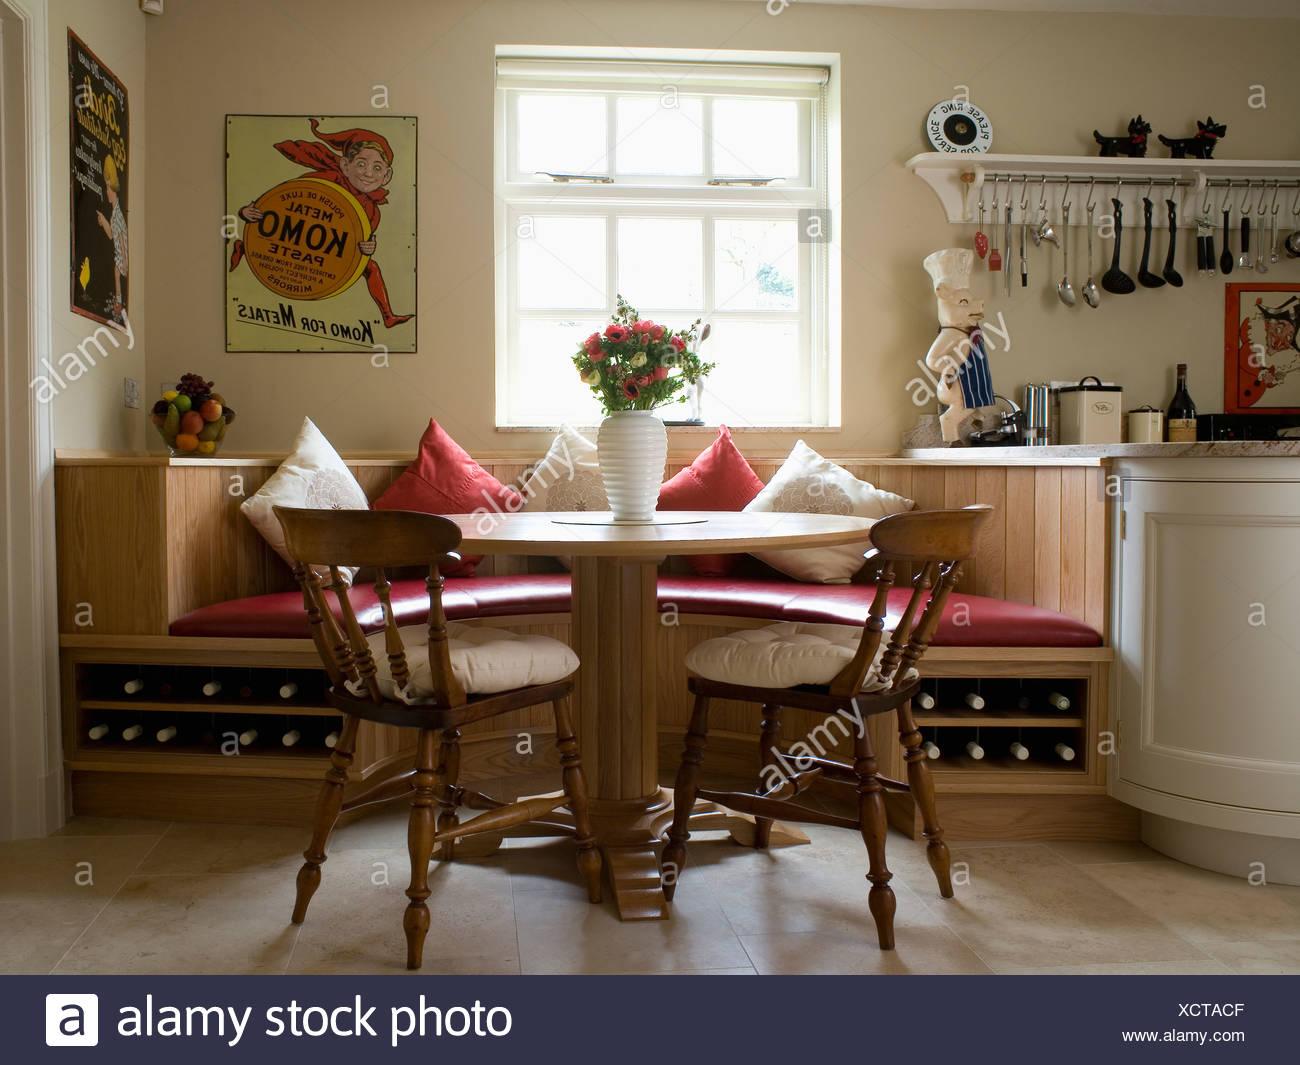 Runder Tisch Und Holzstuhle In Kuche Esszimmer Mit Sitzgelegenheiten